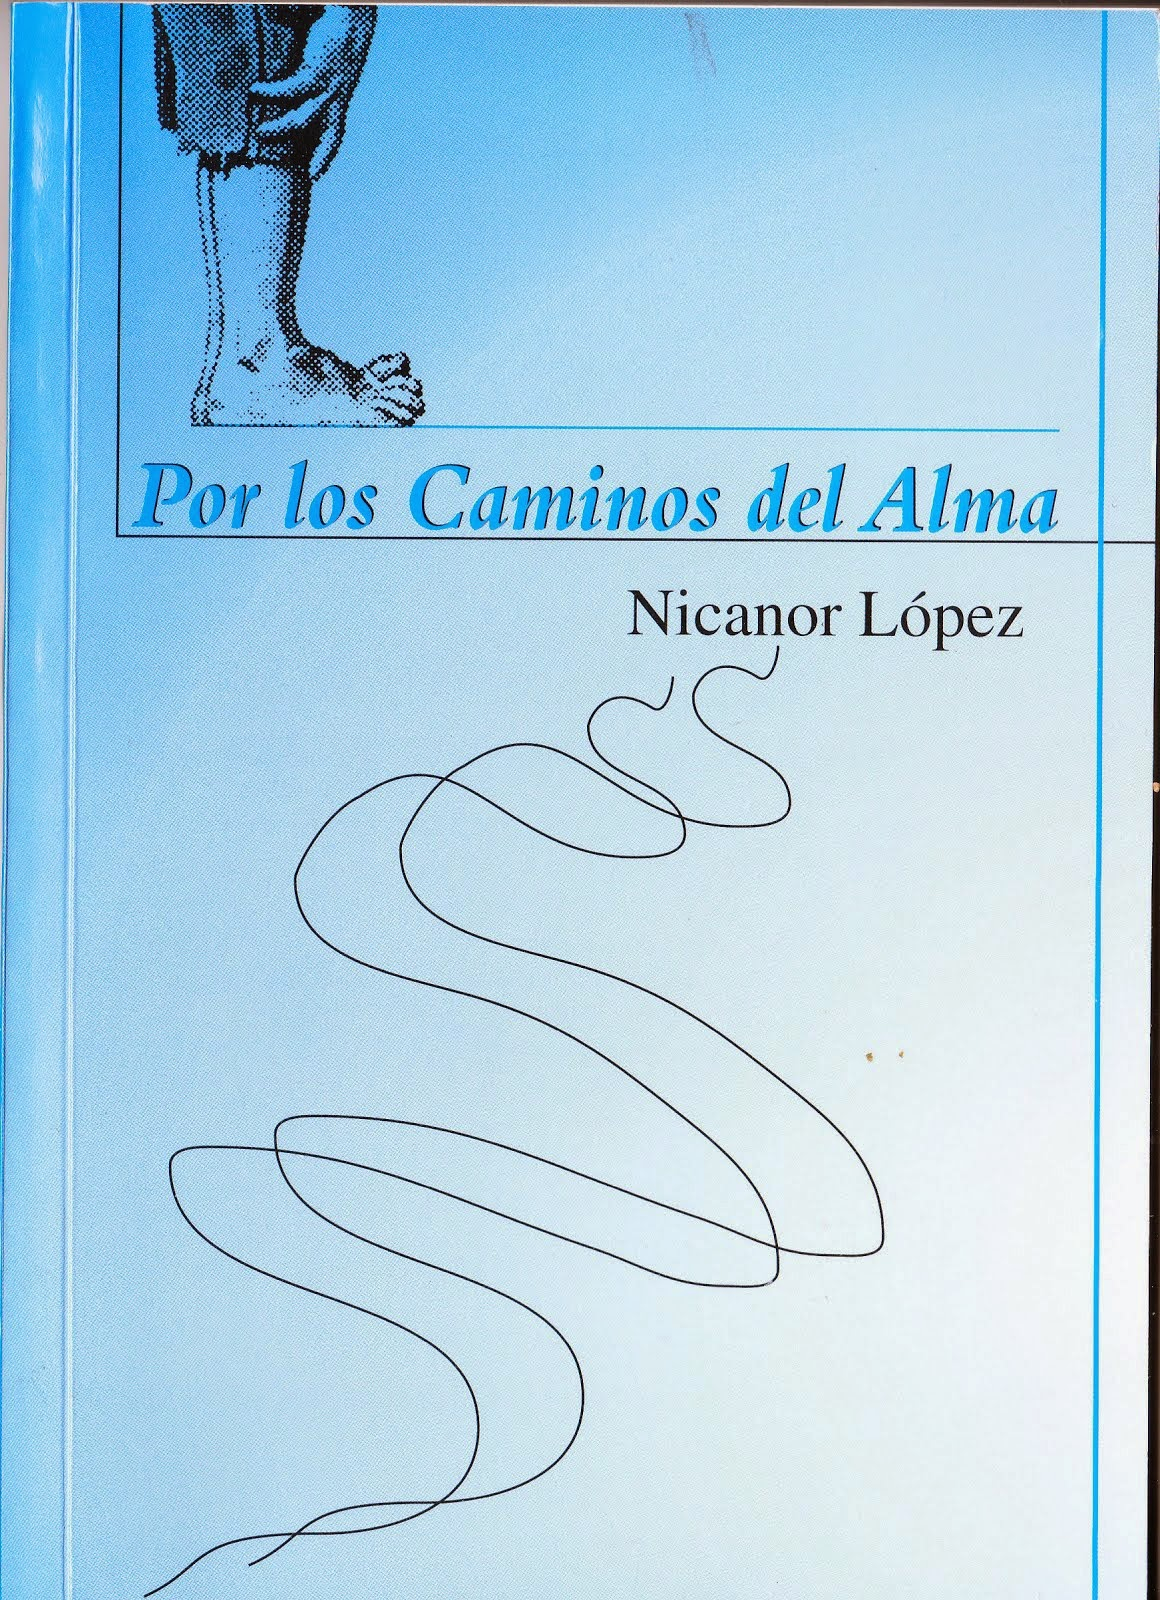 Libros publicados por Nicanor López